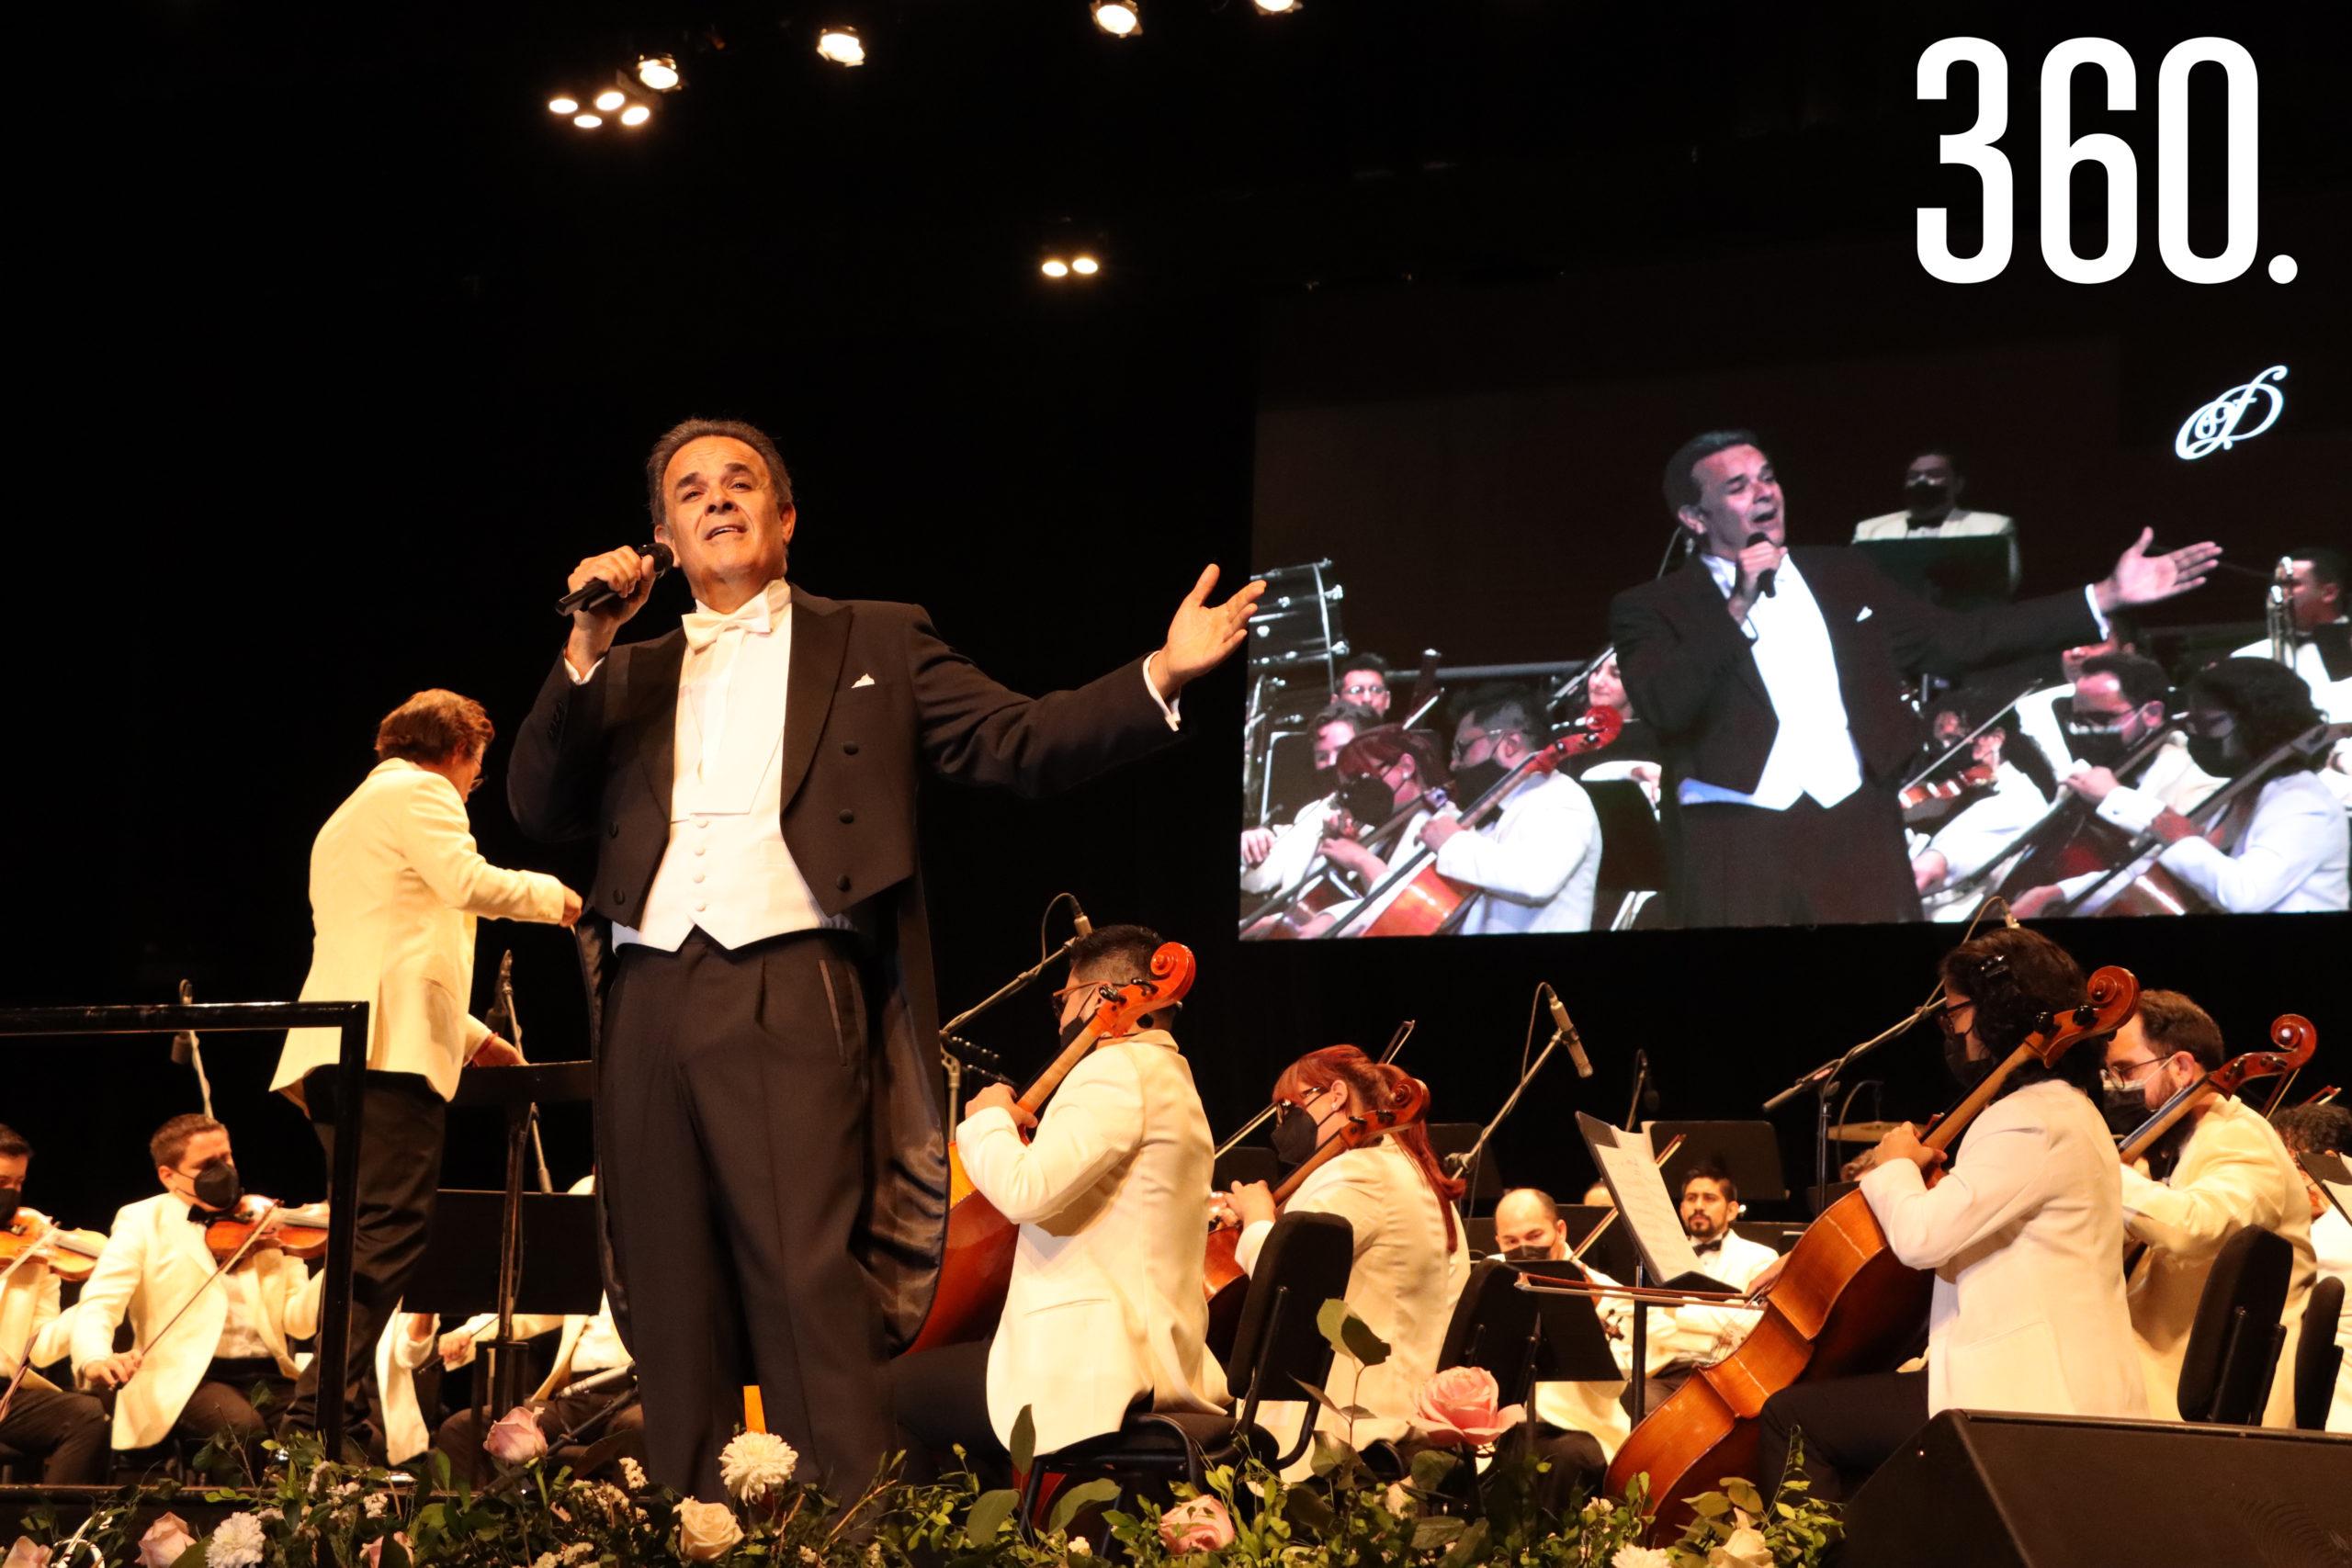 """El tenor Fernando de la Mora ofreció un recital """"Homenaje a Armando Manzanero"""", acompañado por la Orquesta Filarmónica del Desierto, dirigida por Natanael Espinoza."""